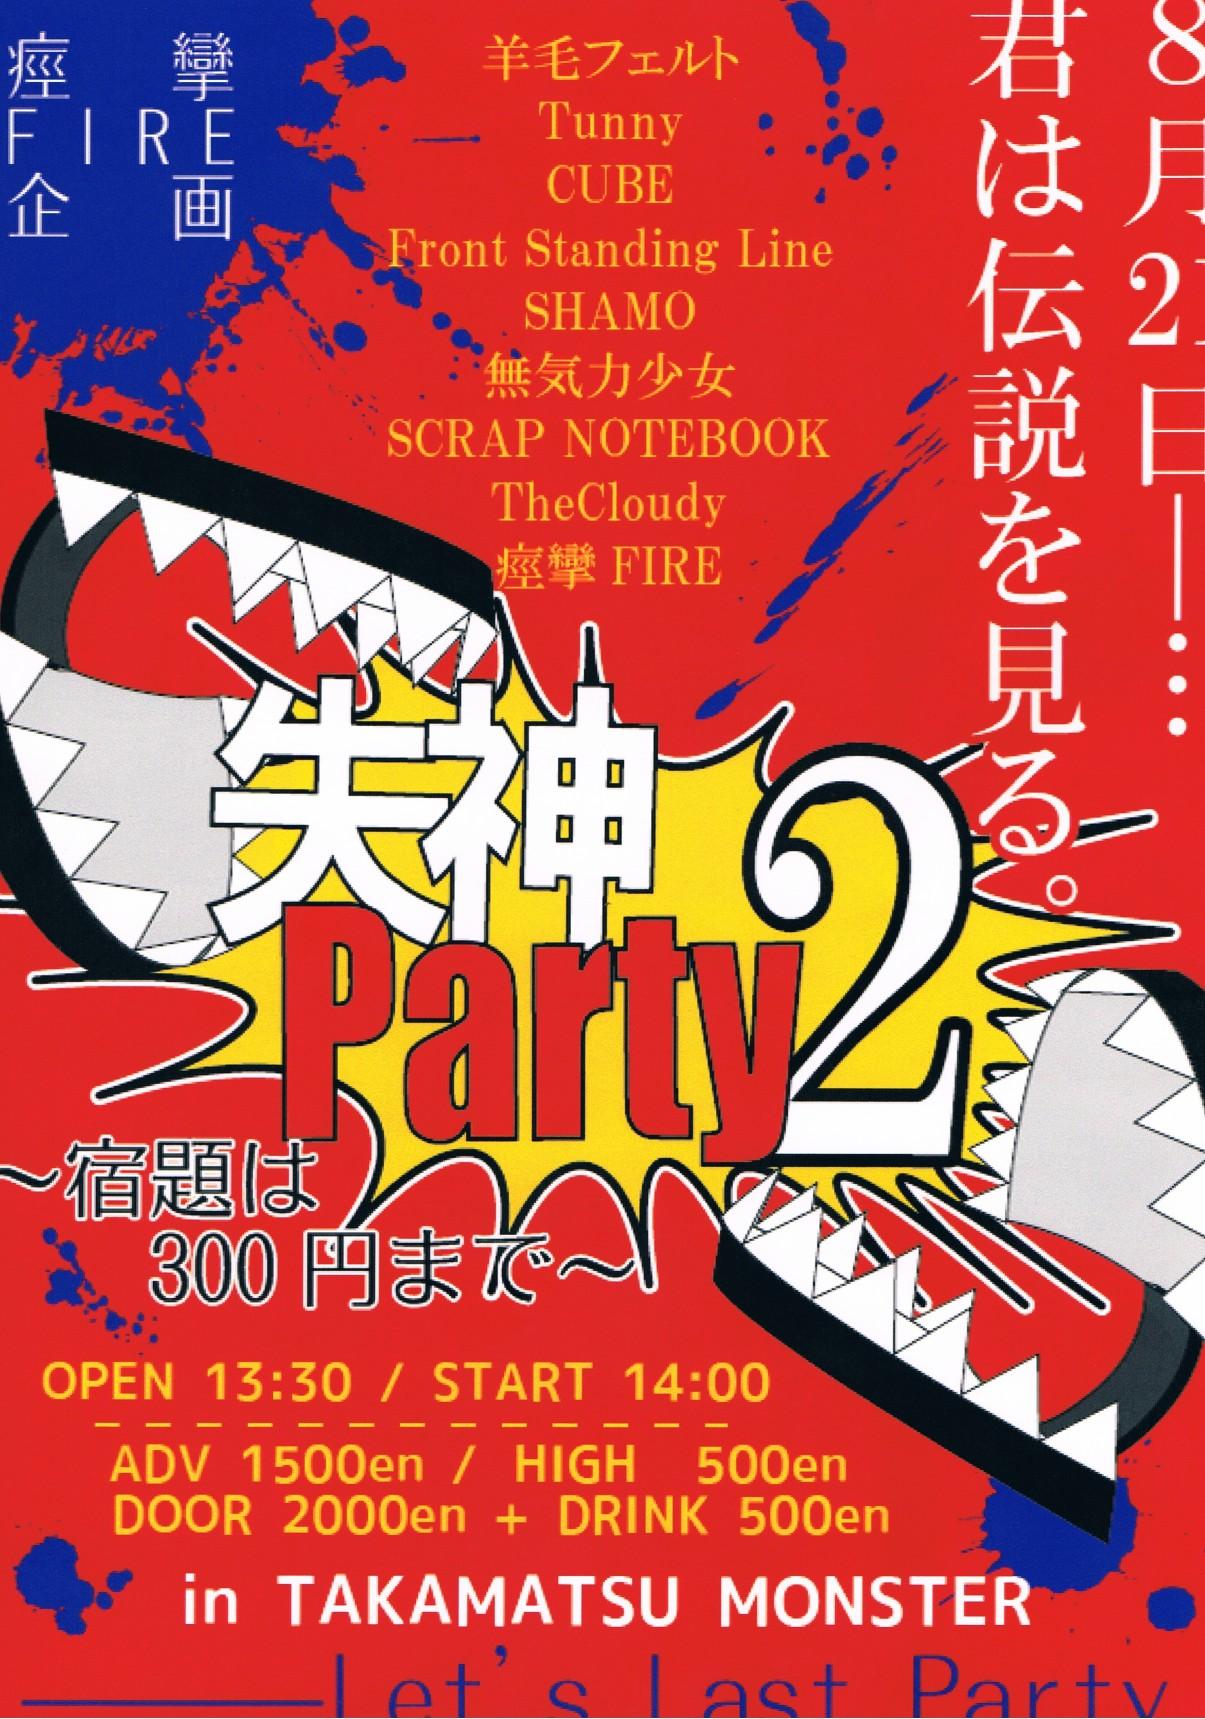 痙攣FIRE企画「失神PARTY vol,2 ~宿題は300円まで~」